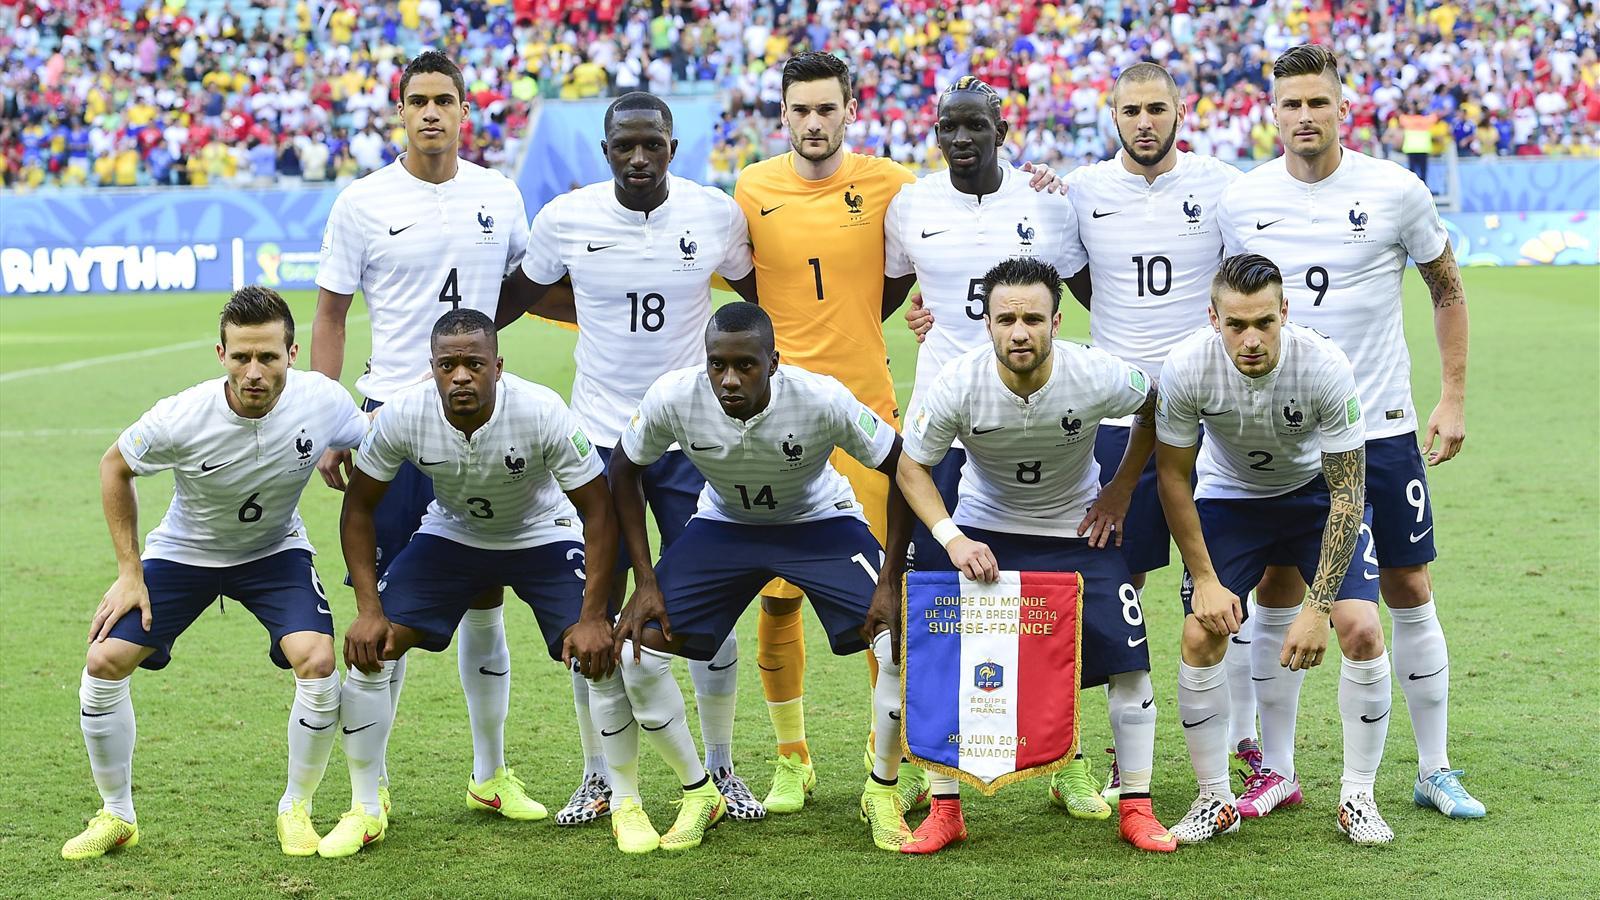 Coupe du monde france nigeria pr s d 39 un bleu sur deux n 39 a jamais connu le grand frisson - Classement equipe de france coupe du monde 2014 ...